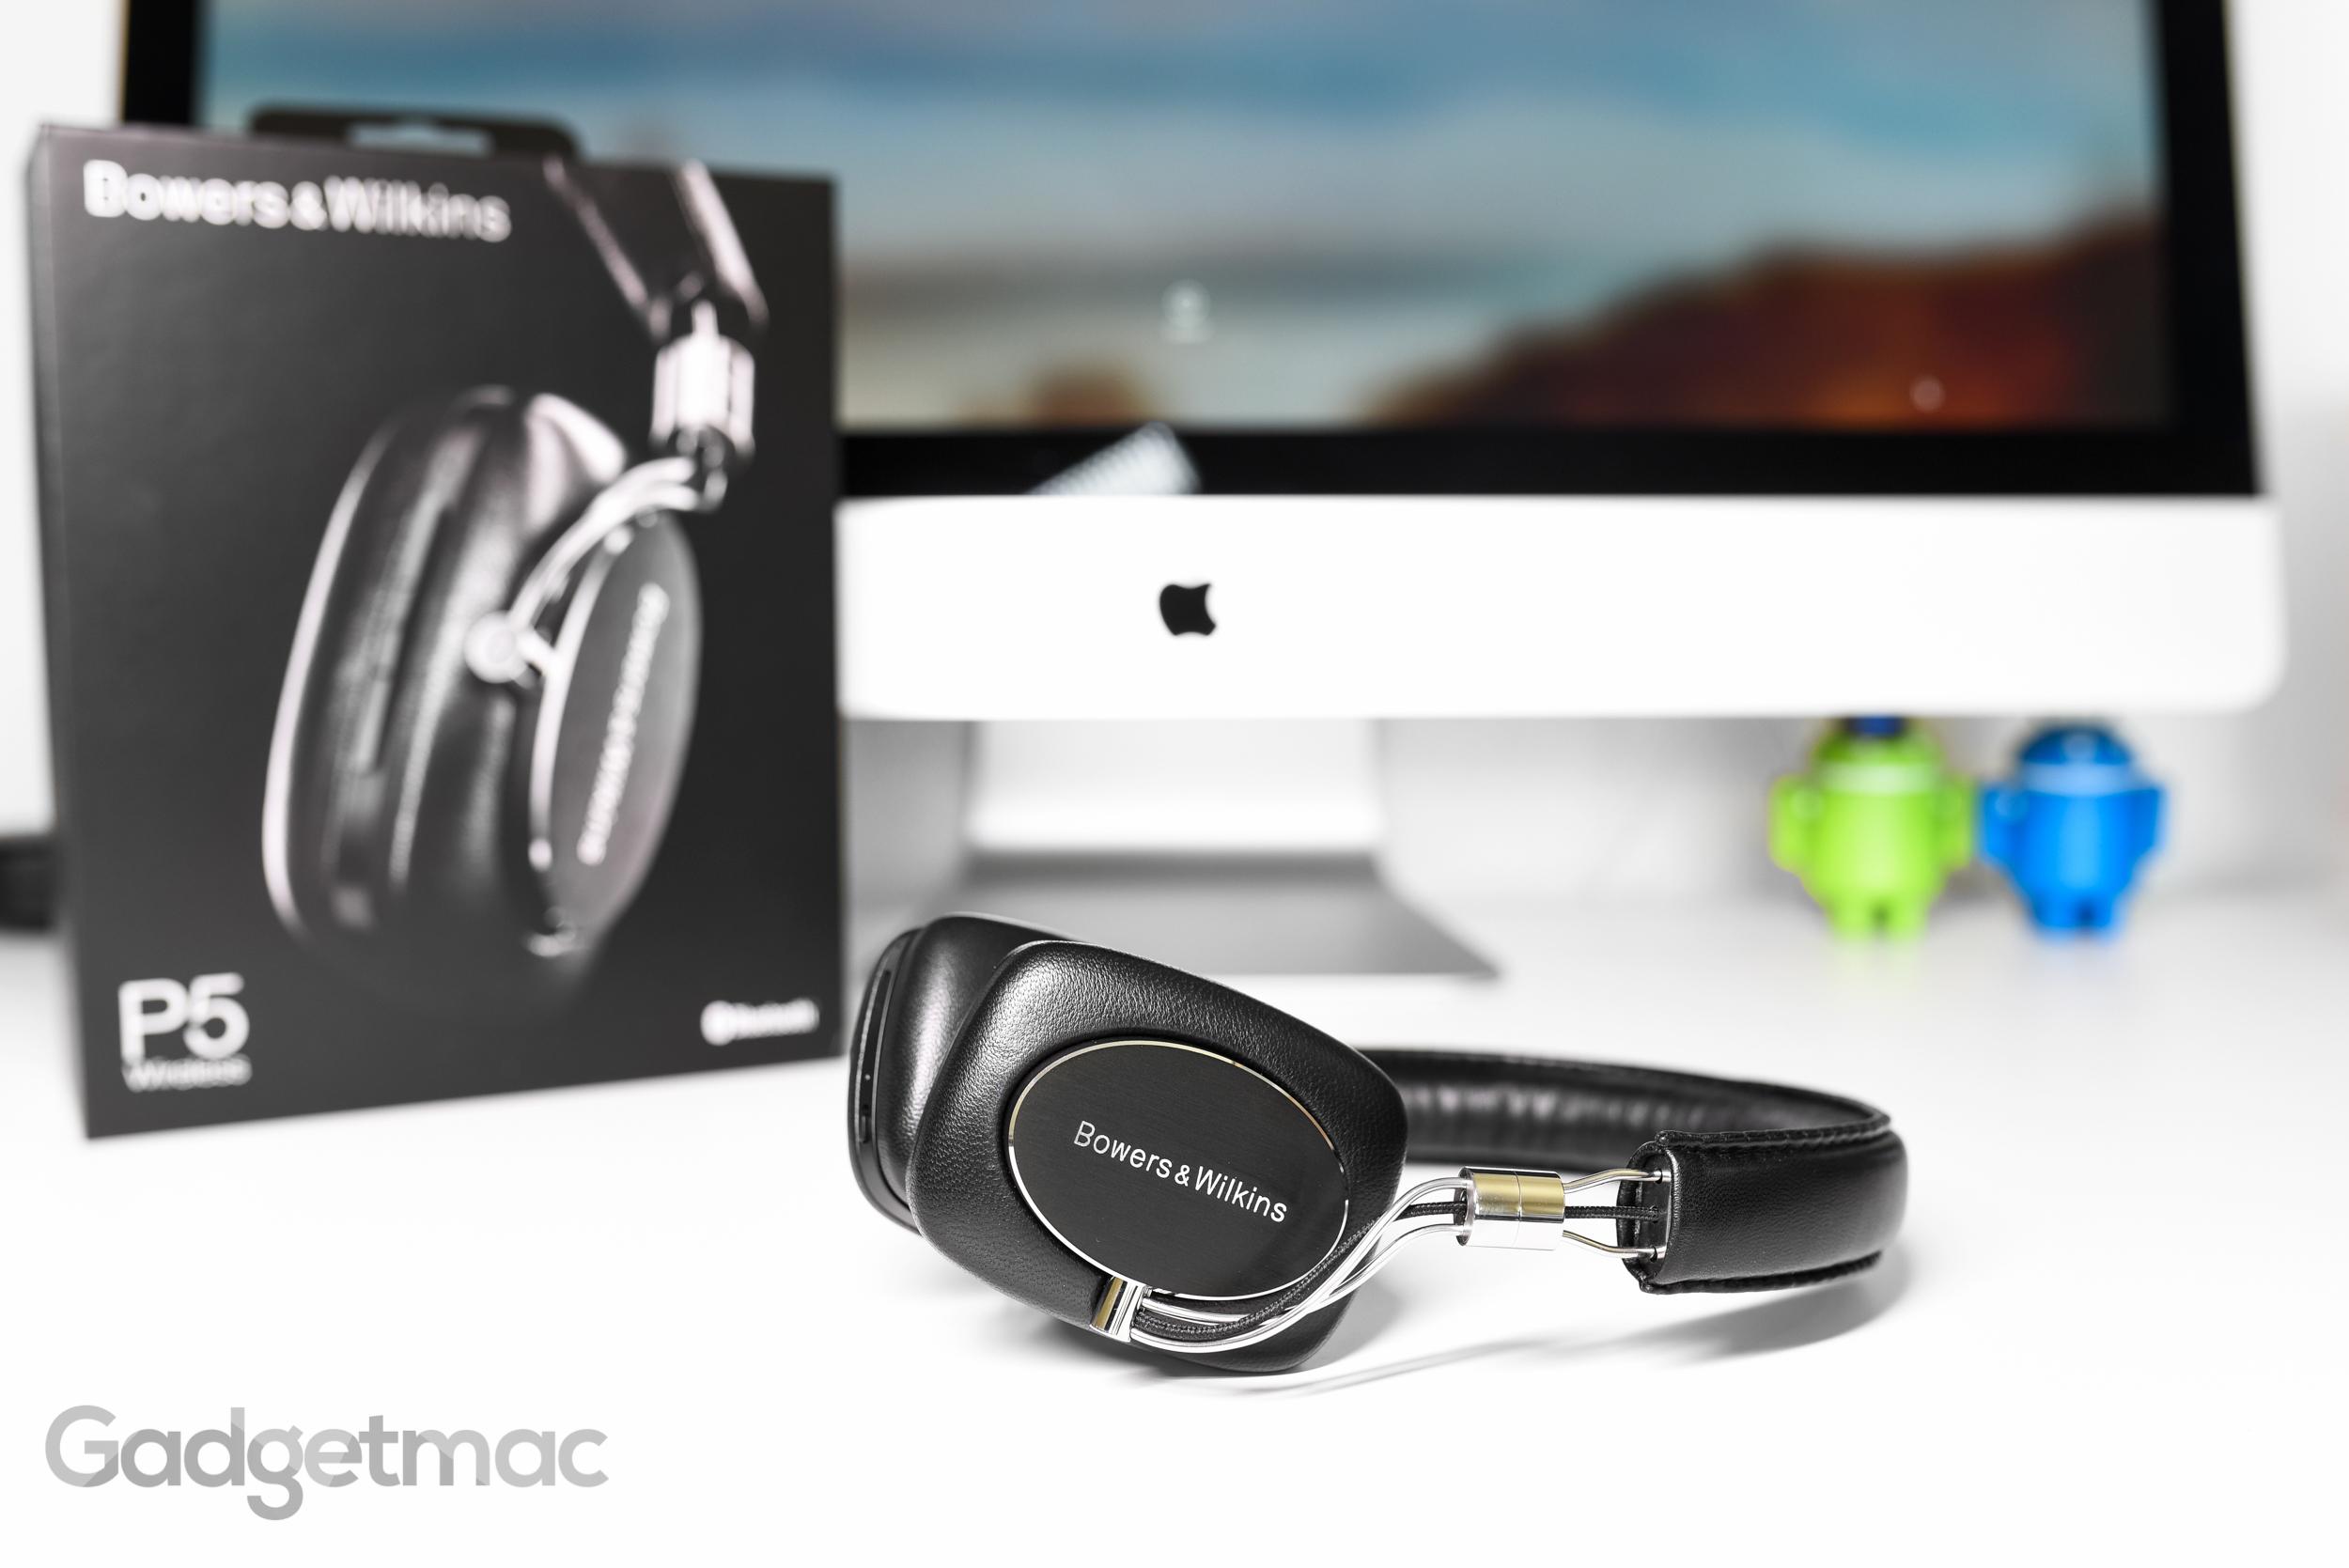 bowers-wilkins-p5-wireless-headphones-2.jpg